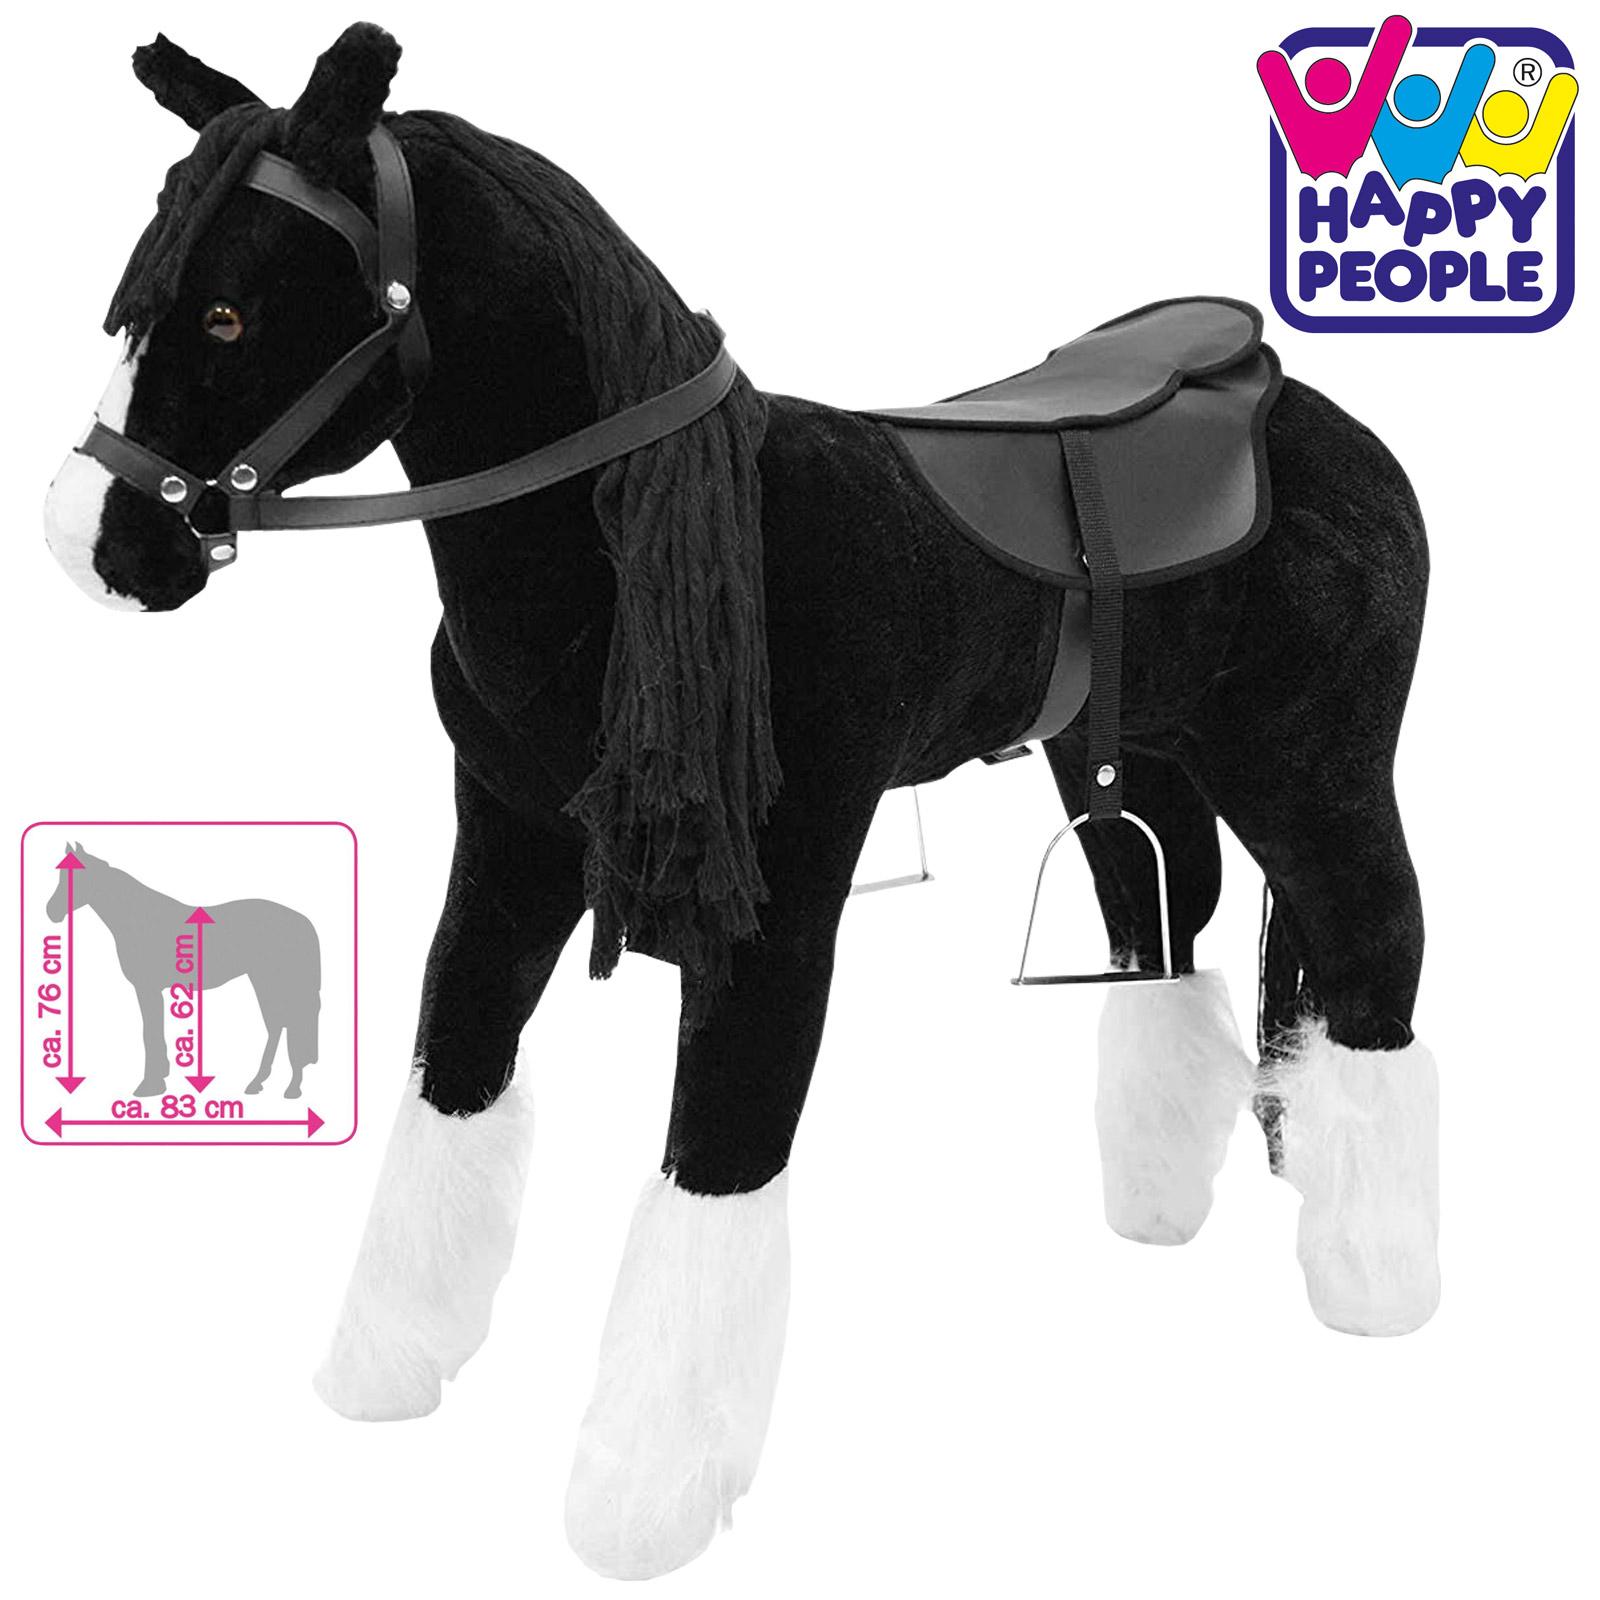 Happy People 58046 Plüschpferd Shire Horse mit Sound stehend